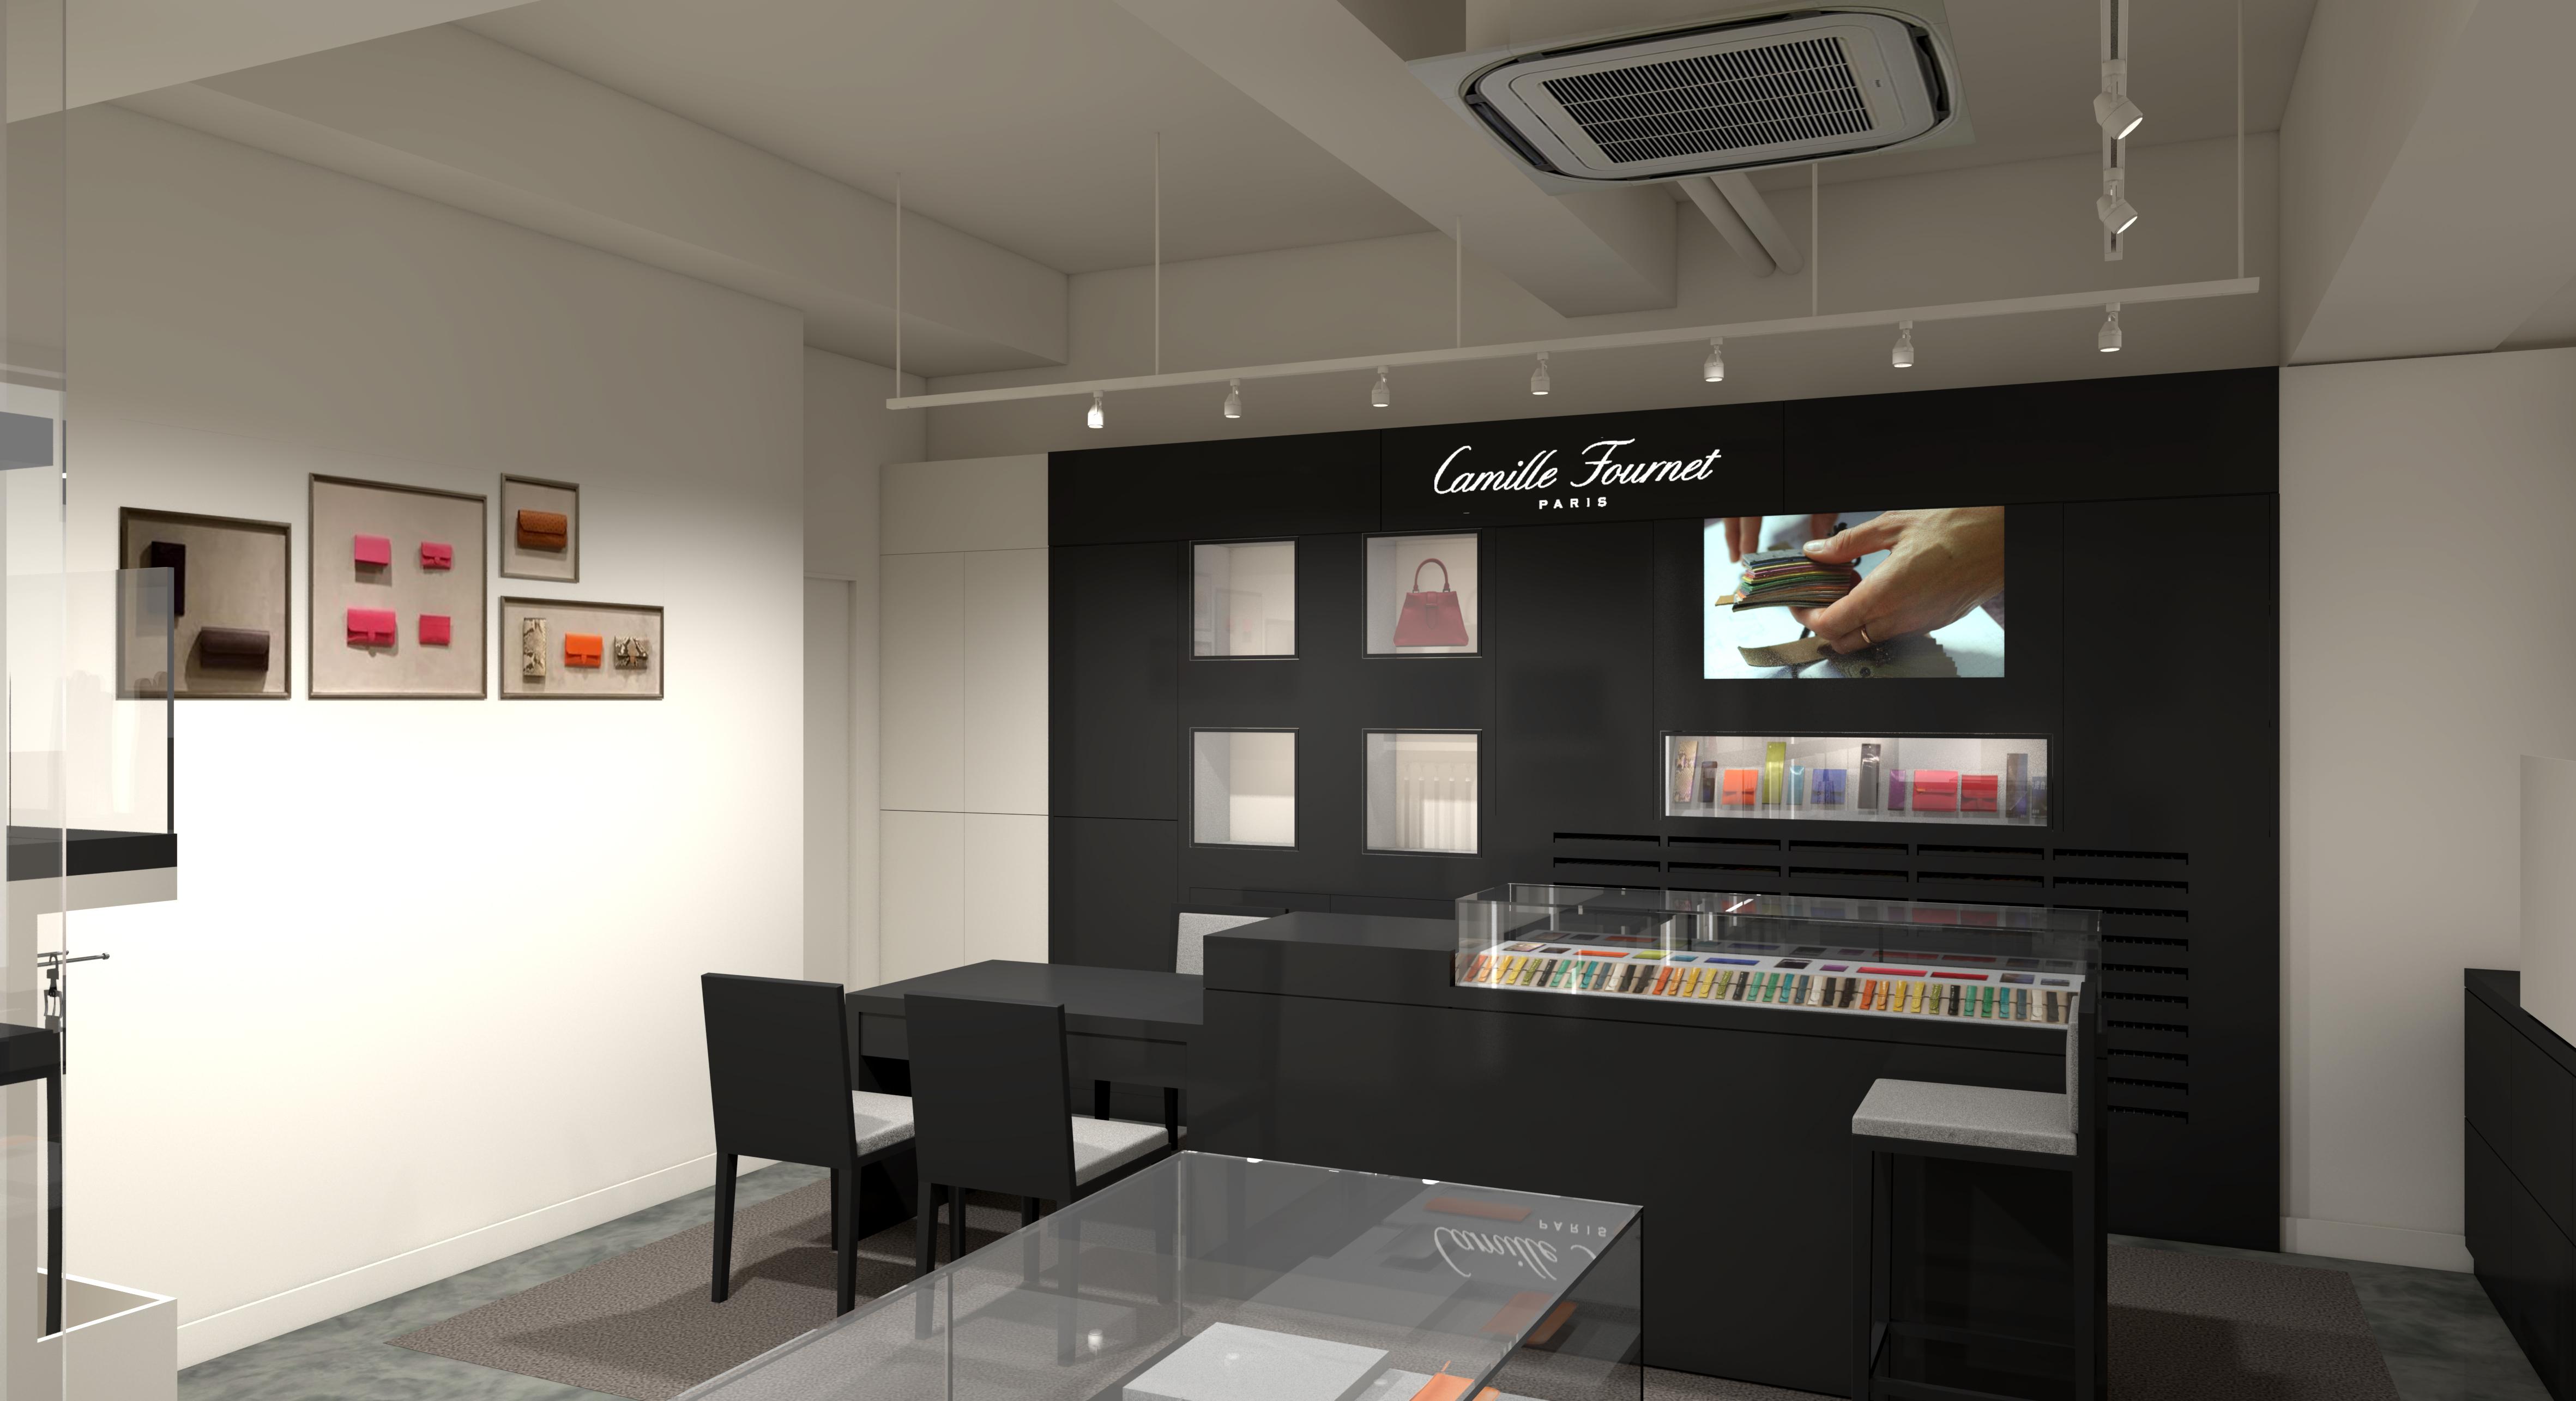 カミーユフォルネ銀座店 (3)